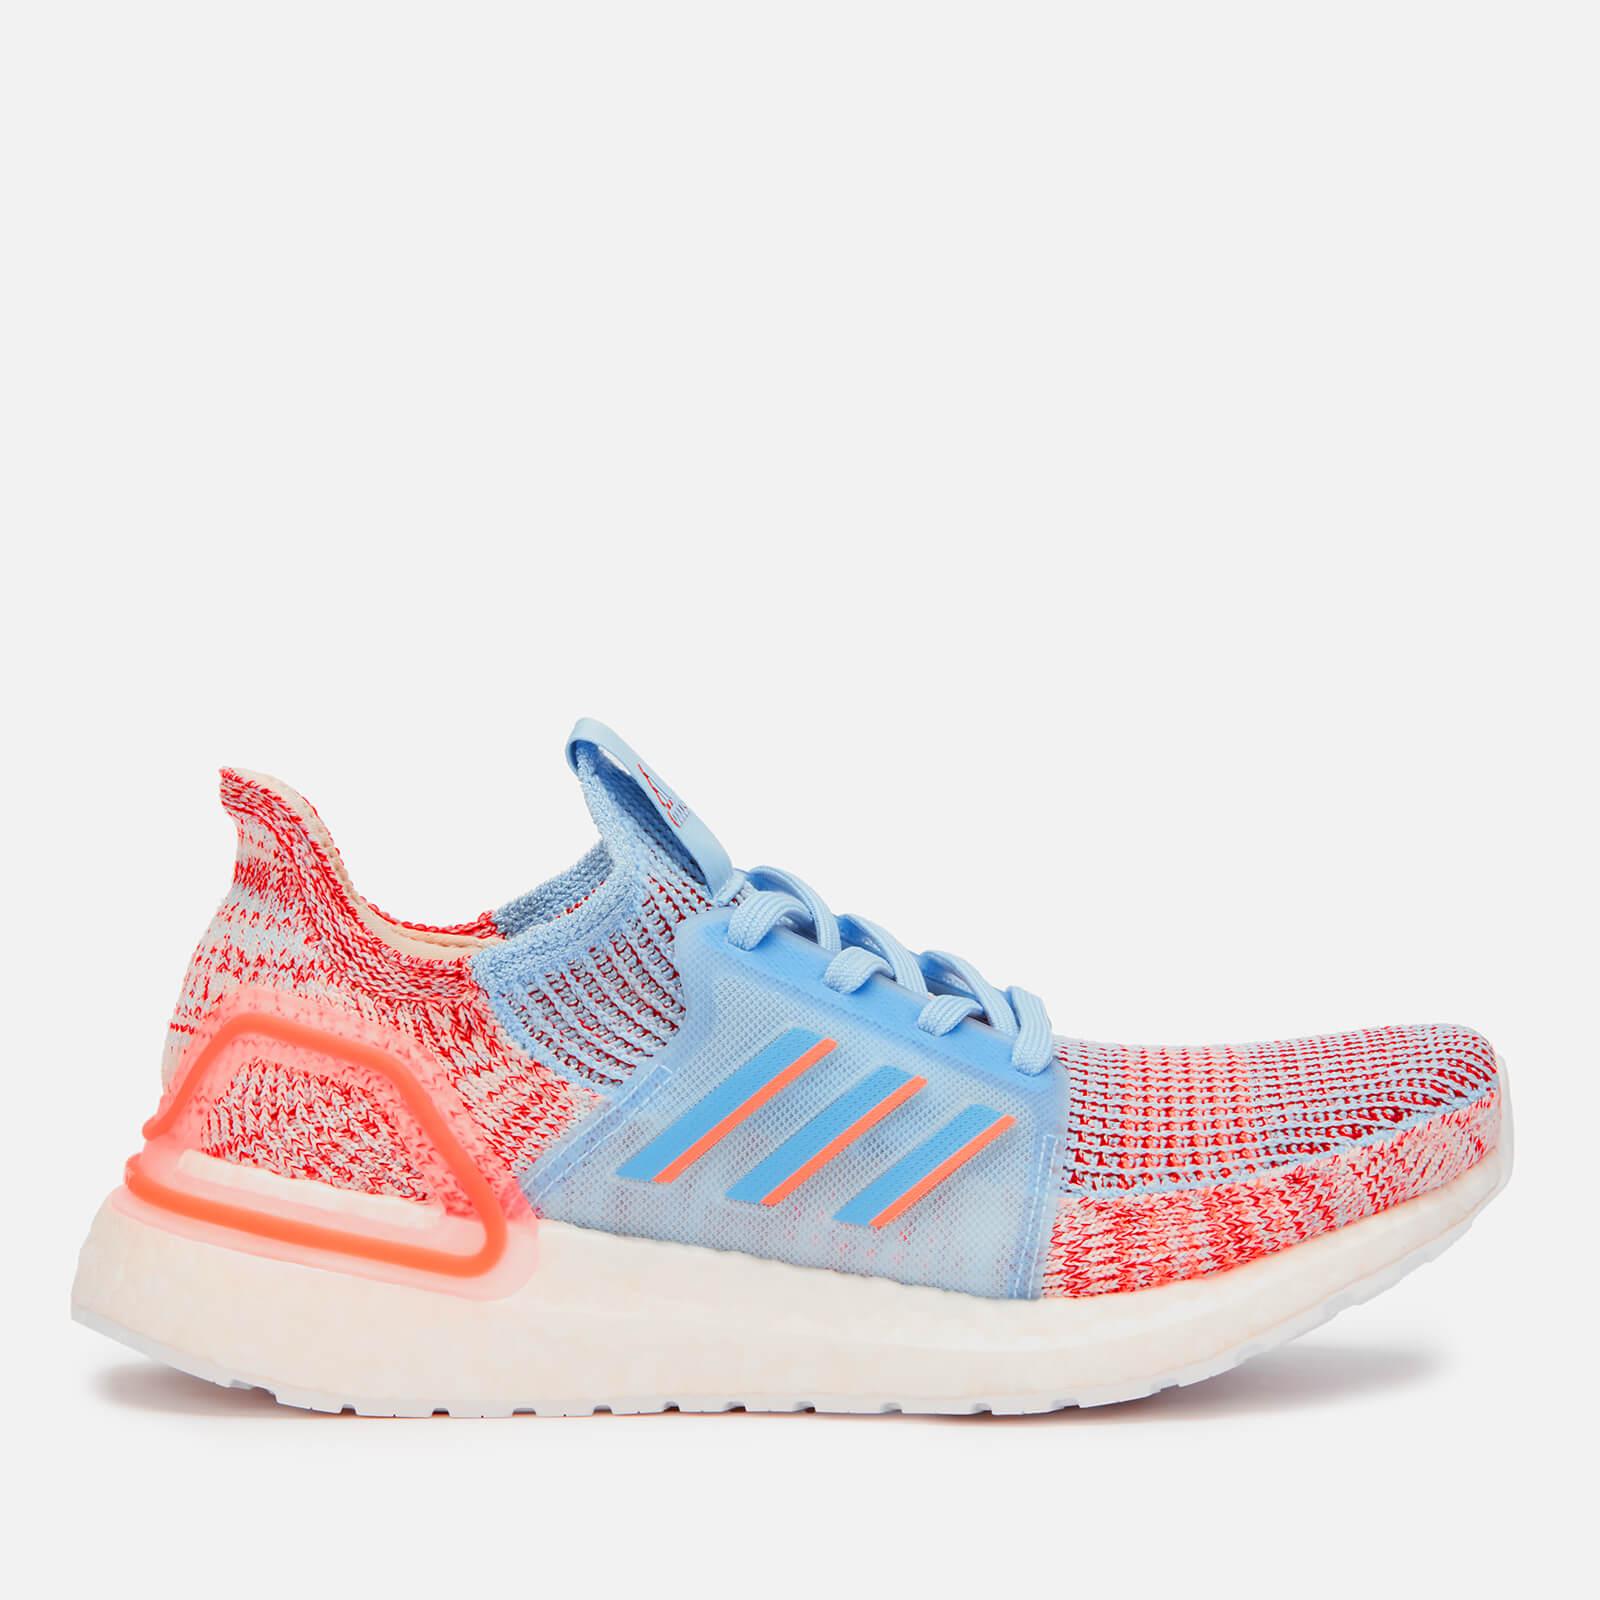 adidas Women's Ultraboost 19 Trainers - Blue/Orange - UK 8 - Multi